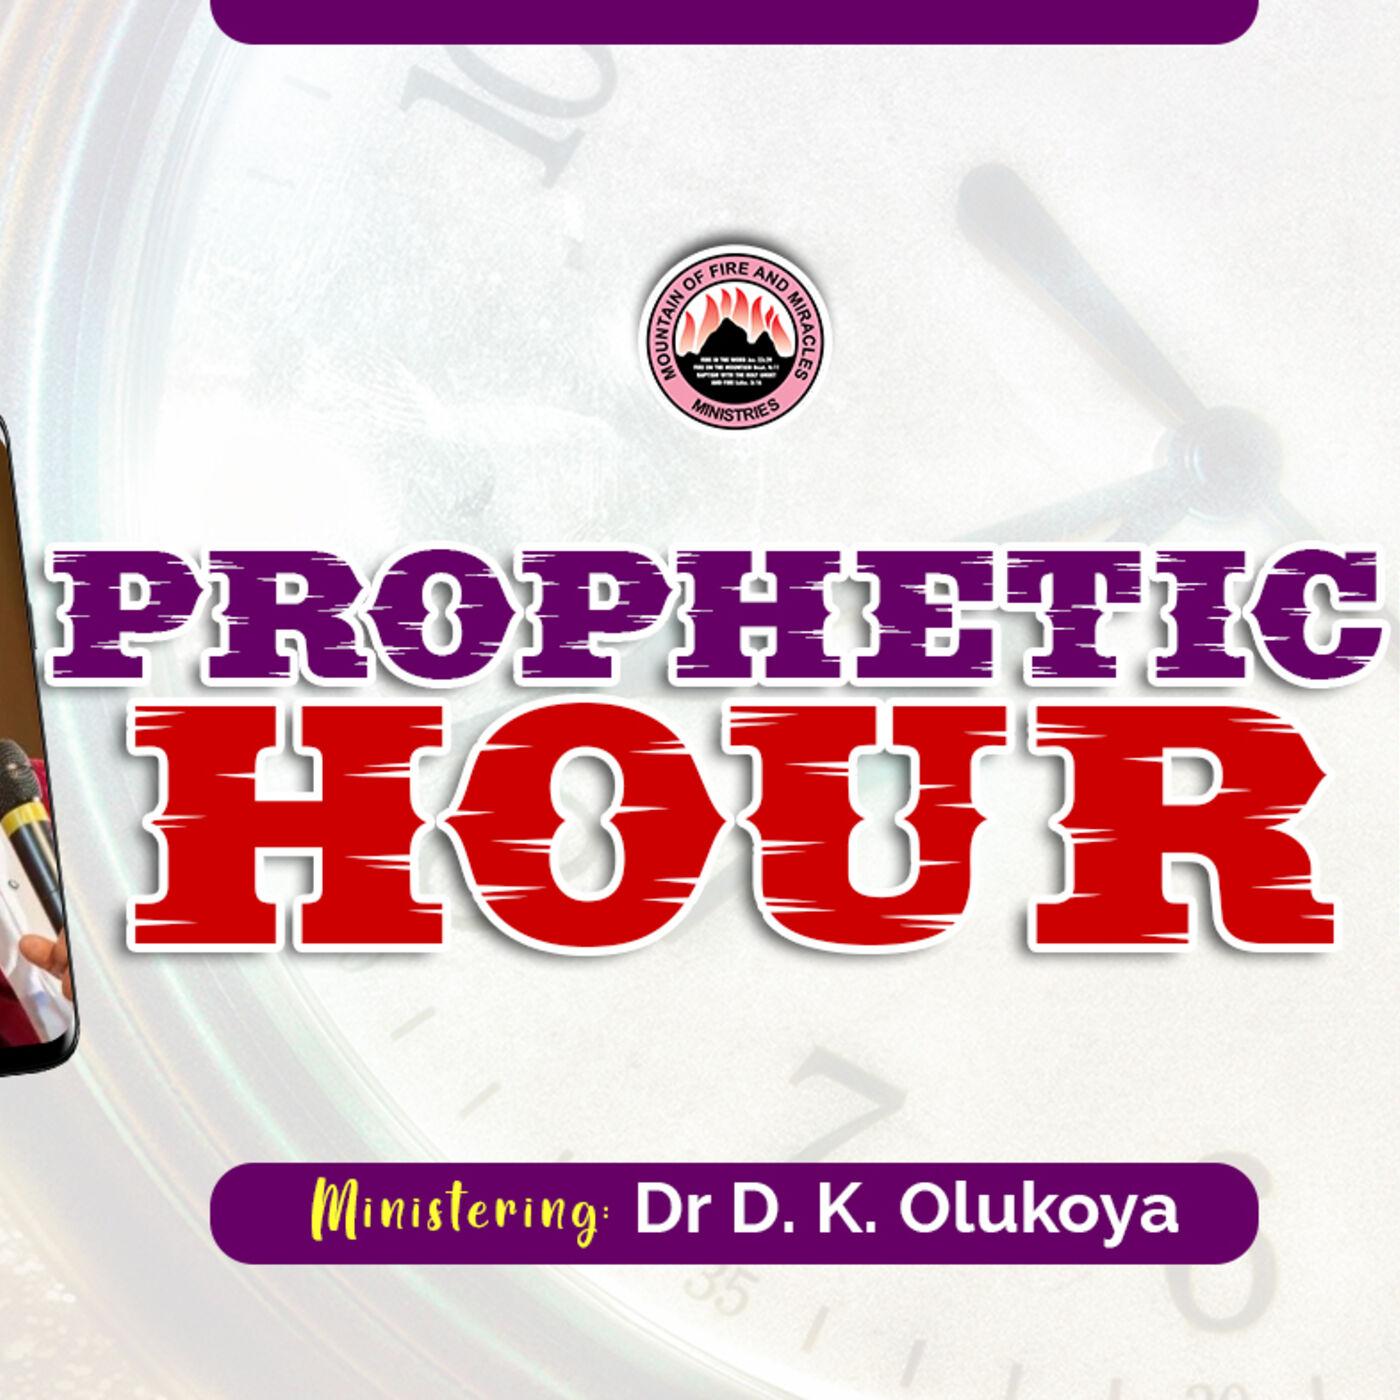 Prophetic Vitamin 6- Dr D. K. Olukoya